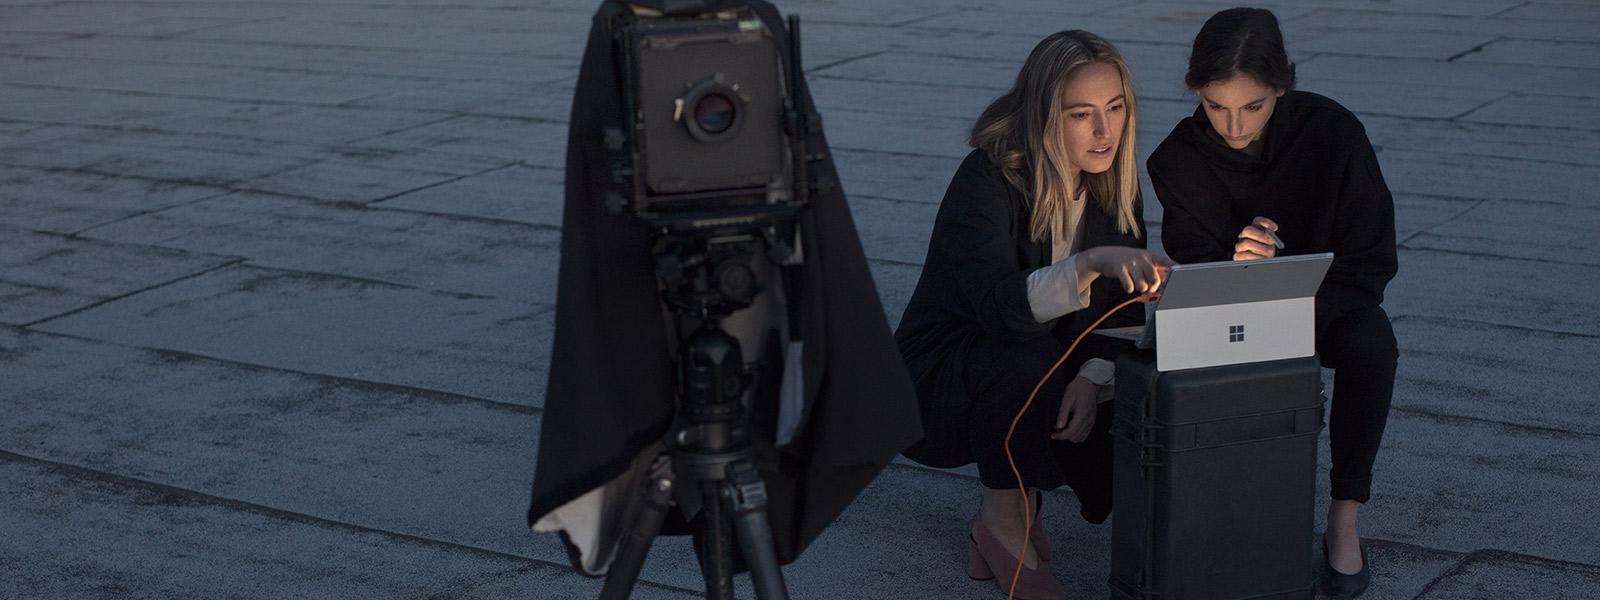 مصورا فيديو يستخدمان Surface Pro في مراجعة الفيلم